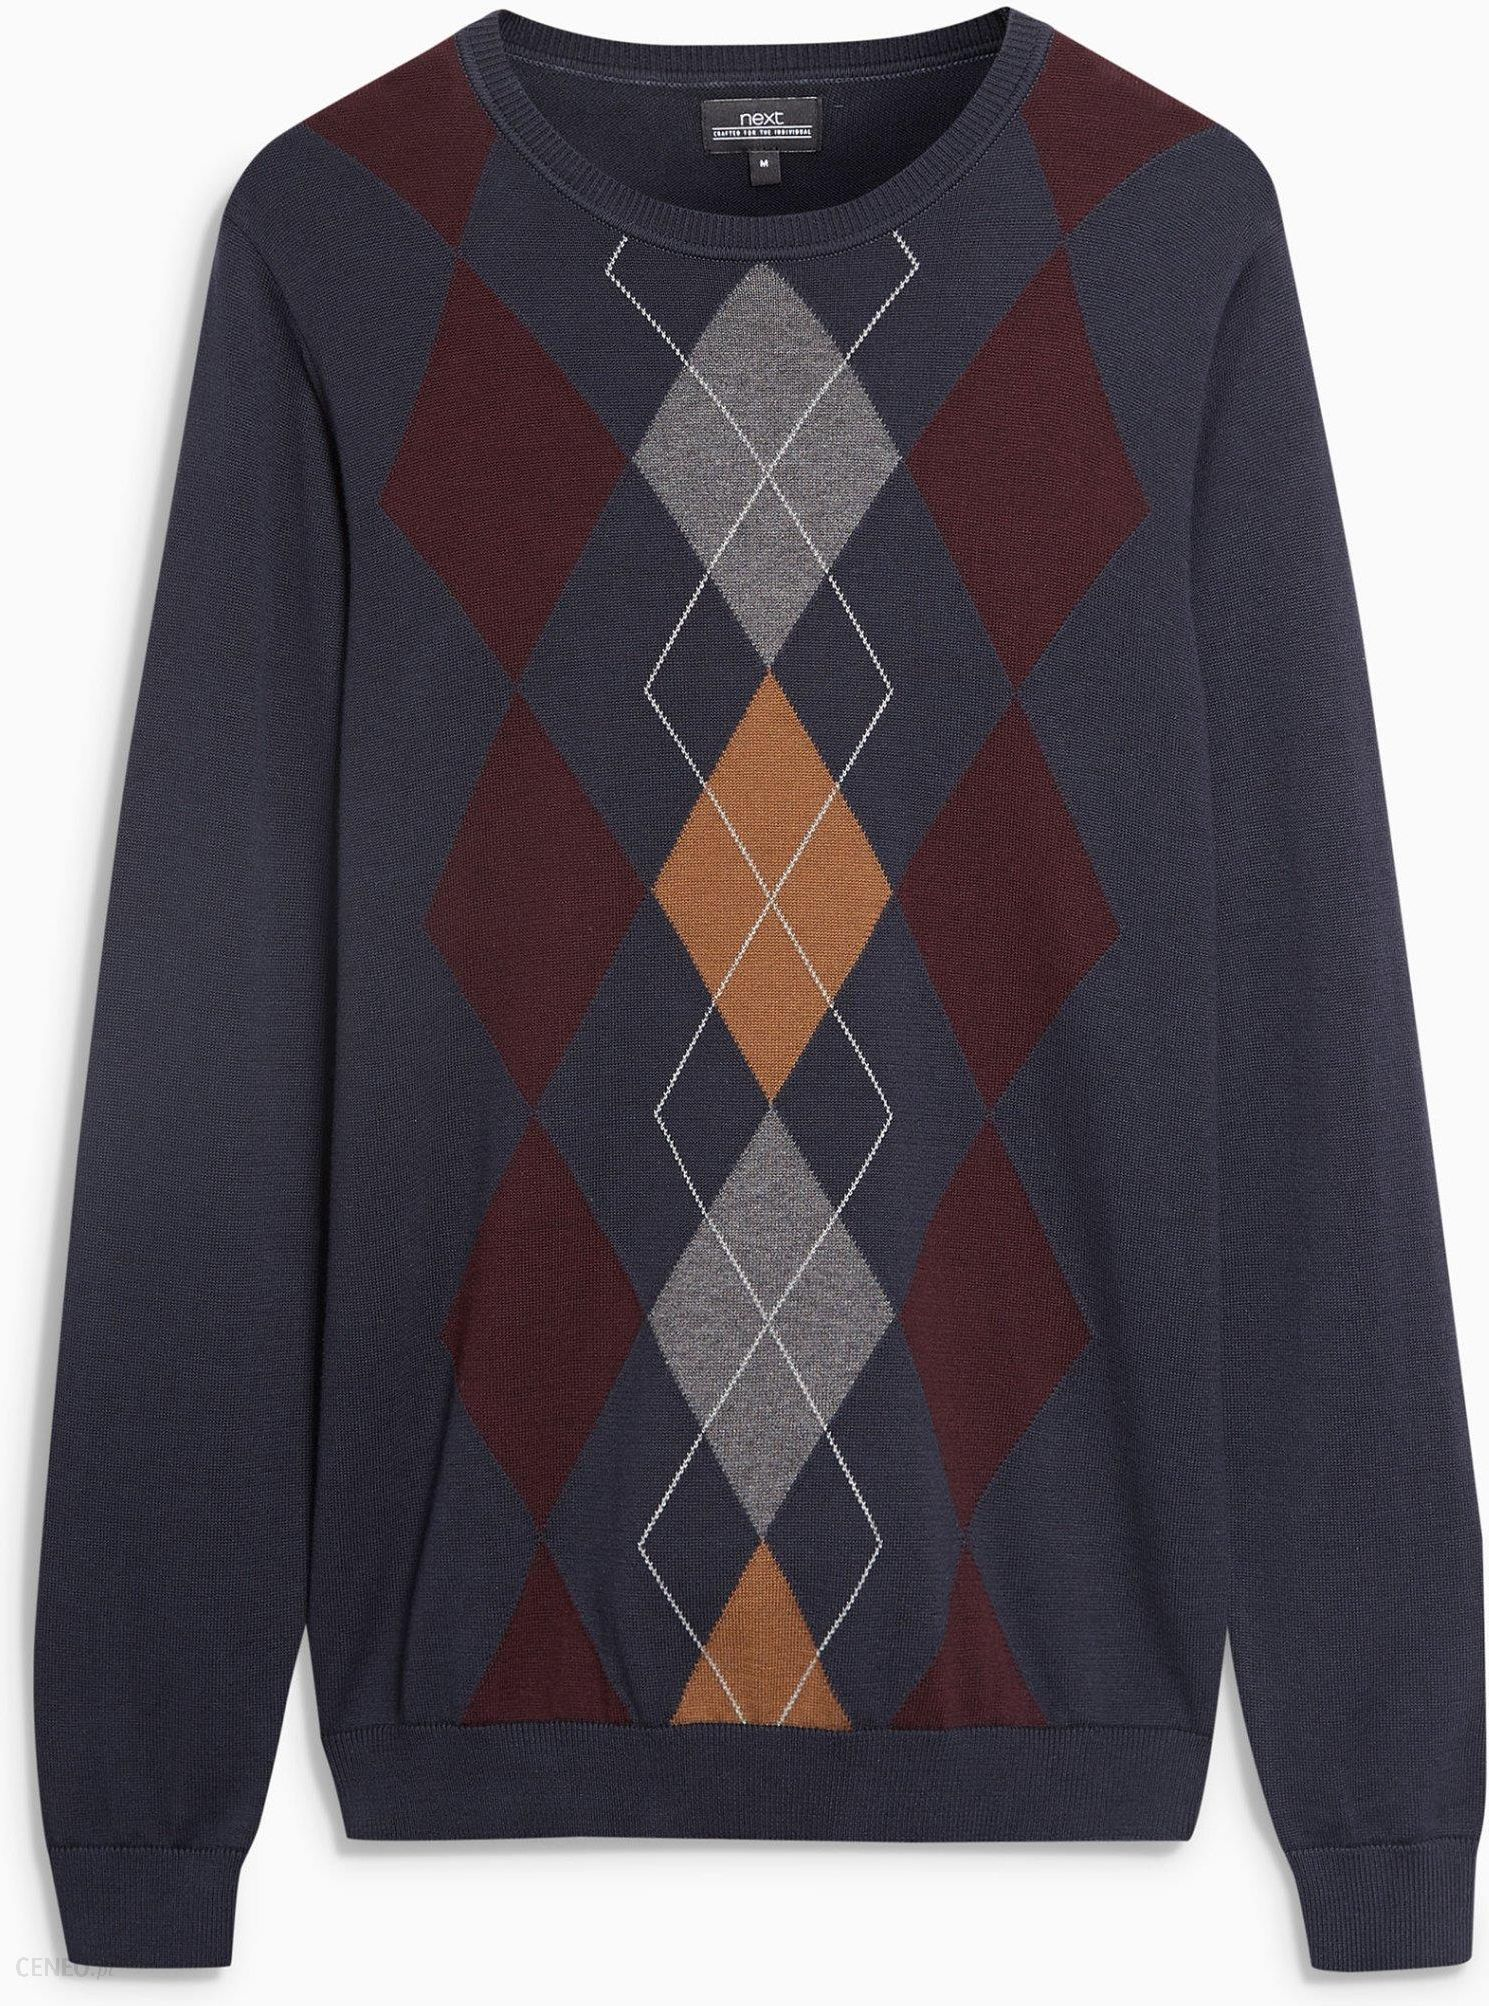 fda9bc68a7ce94 Next Sweter ze wzorem w romby Męski L - Ceny i opinie - Ceneo.pl